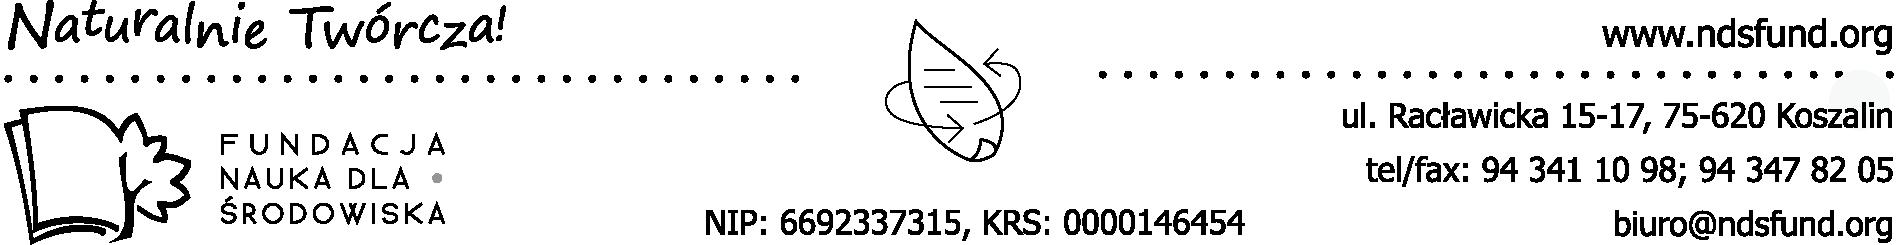 logo ndsfund